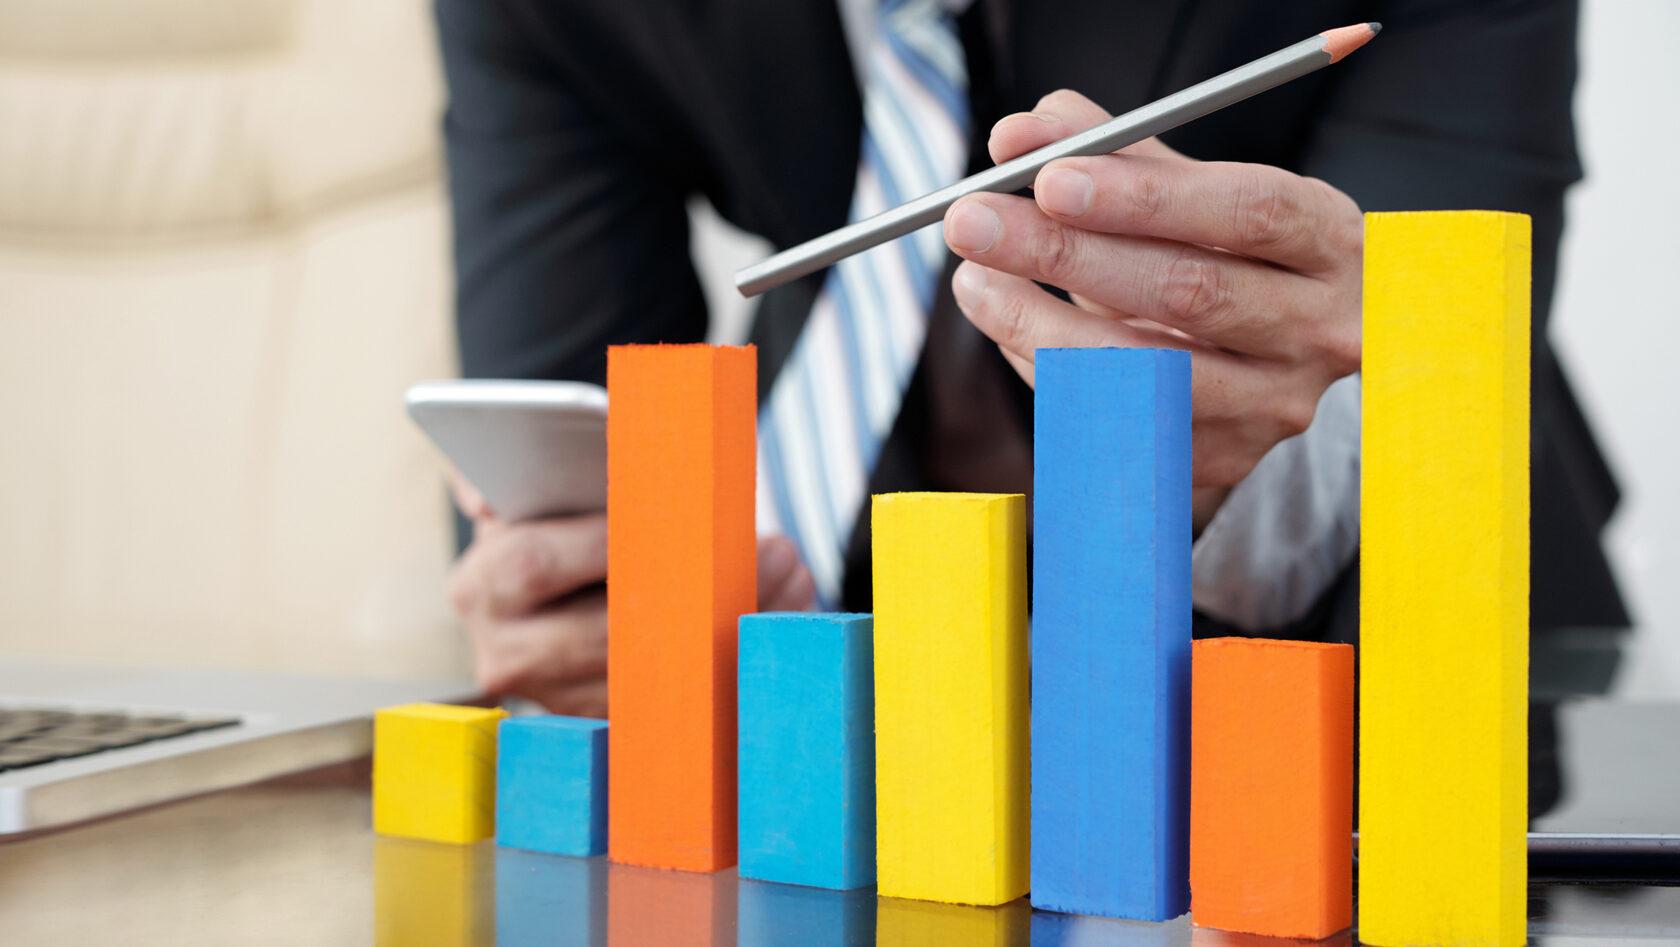 УОбщее повышение эффективности процесса поставок является выгодным инвестиционным решением